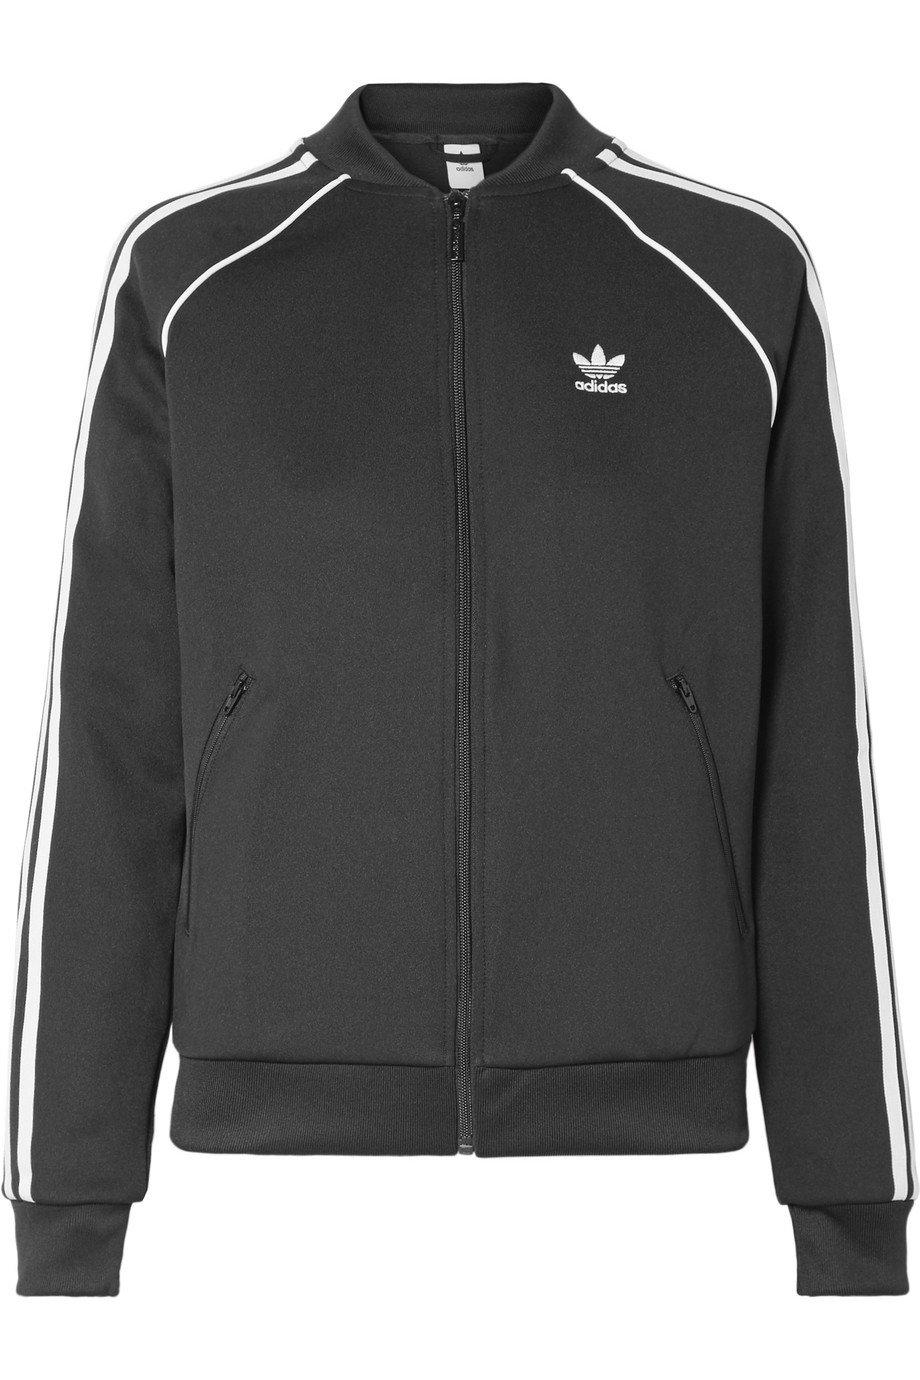 adidas Originals | Striped satin-jersey track jacket | NET-A-PORTER.COM